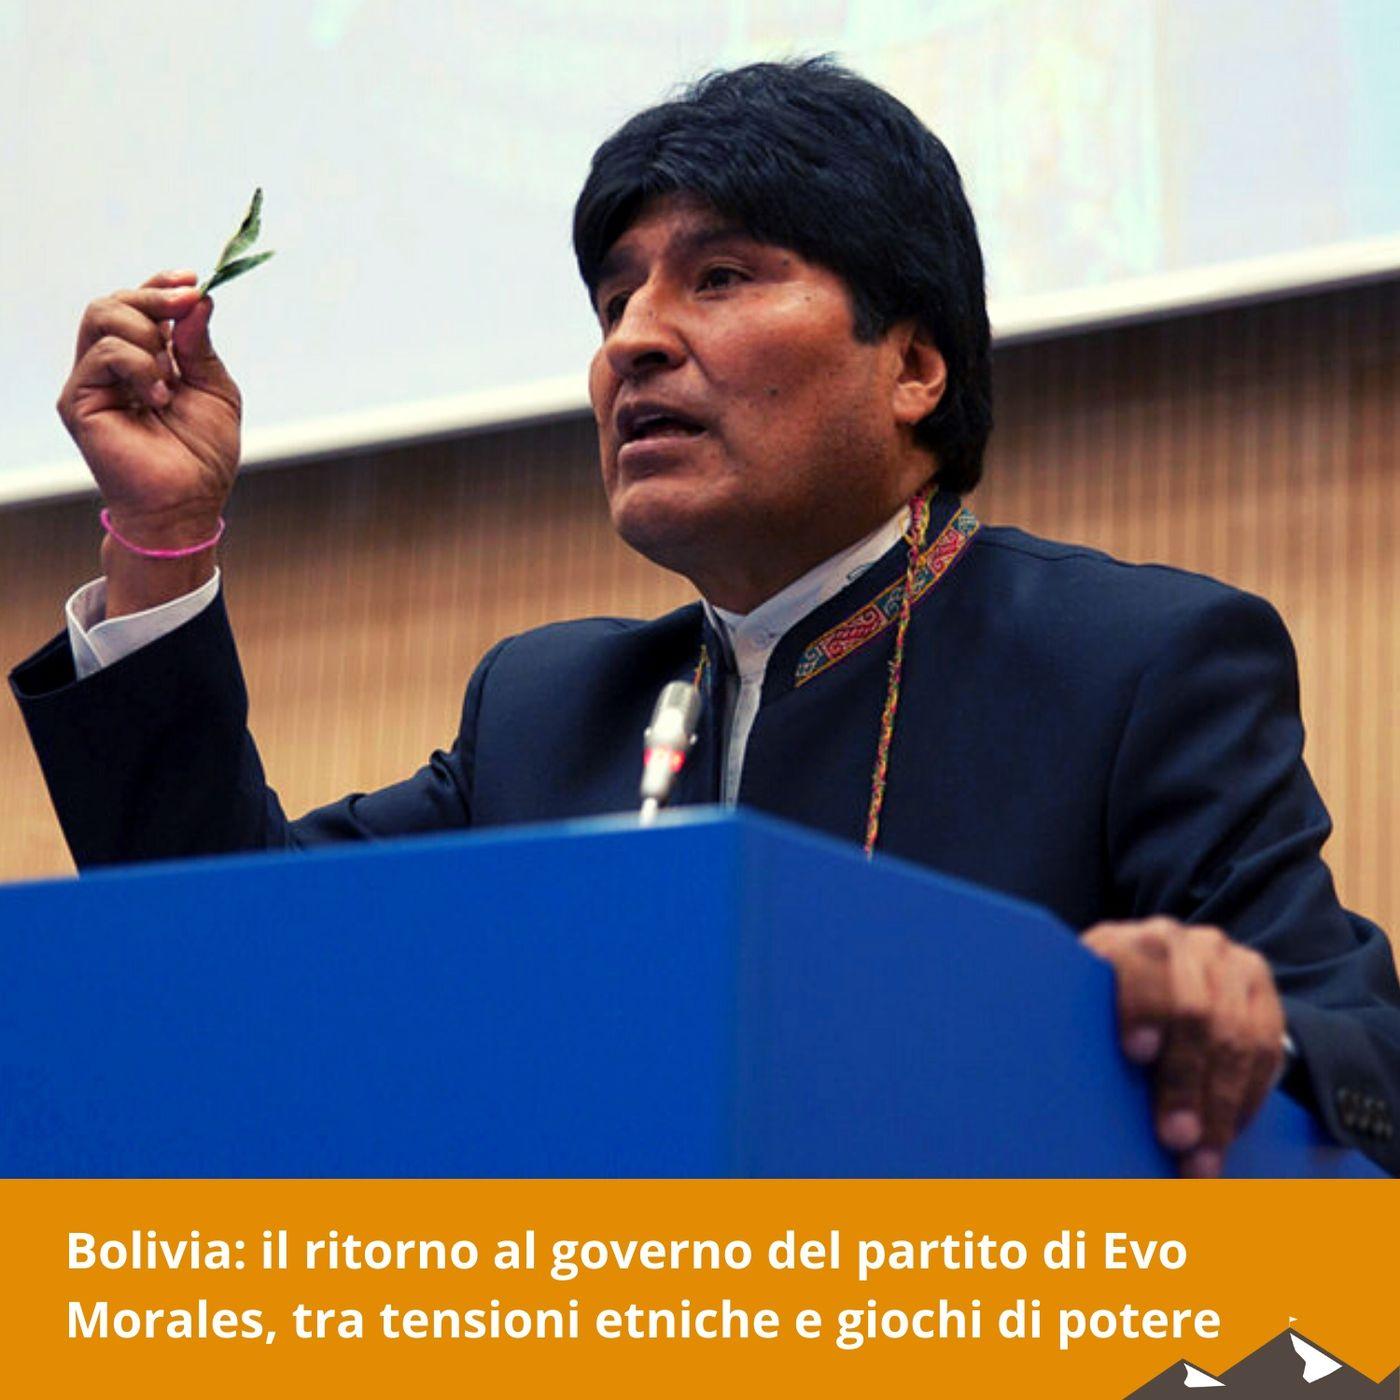 Bolivia: il ritorno al governo del partito di Evo Morales, tra tensioni etniche e giochi di potere